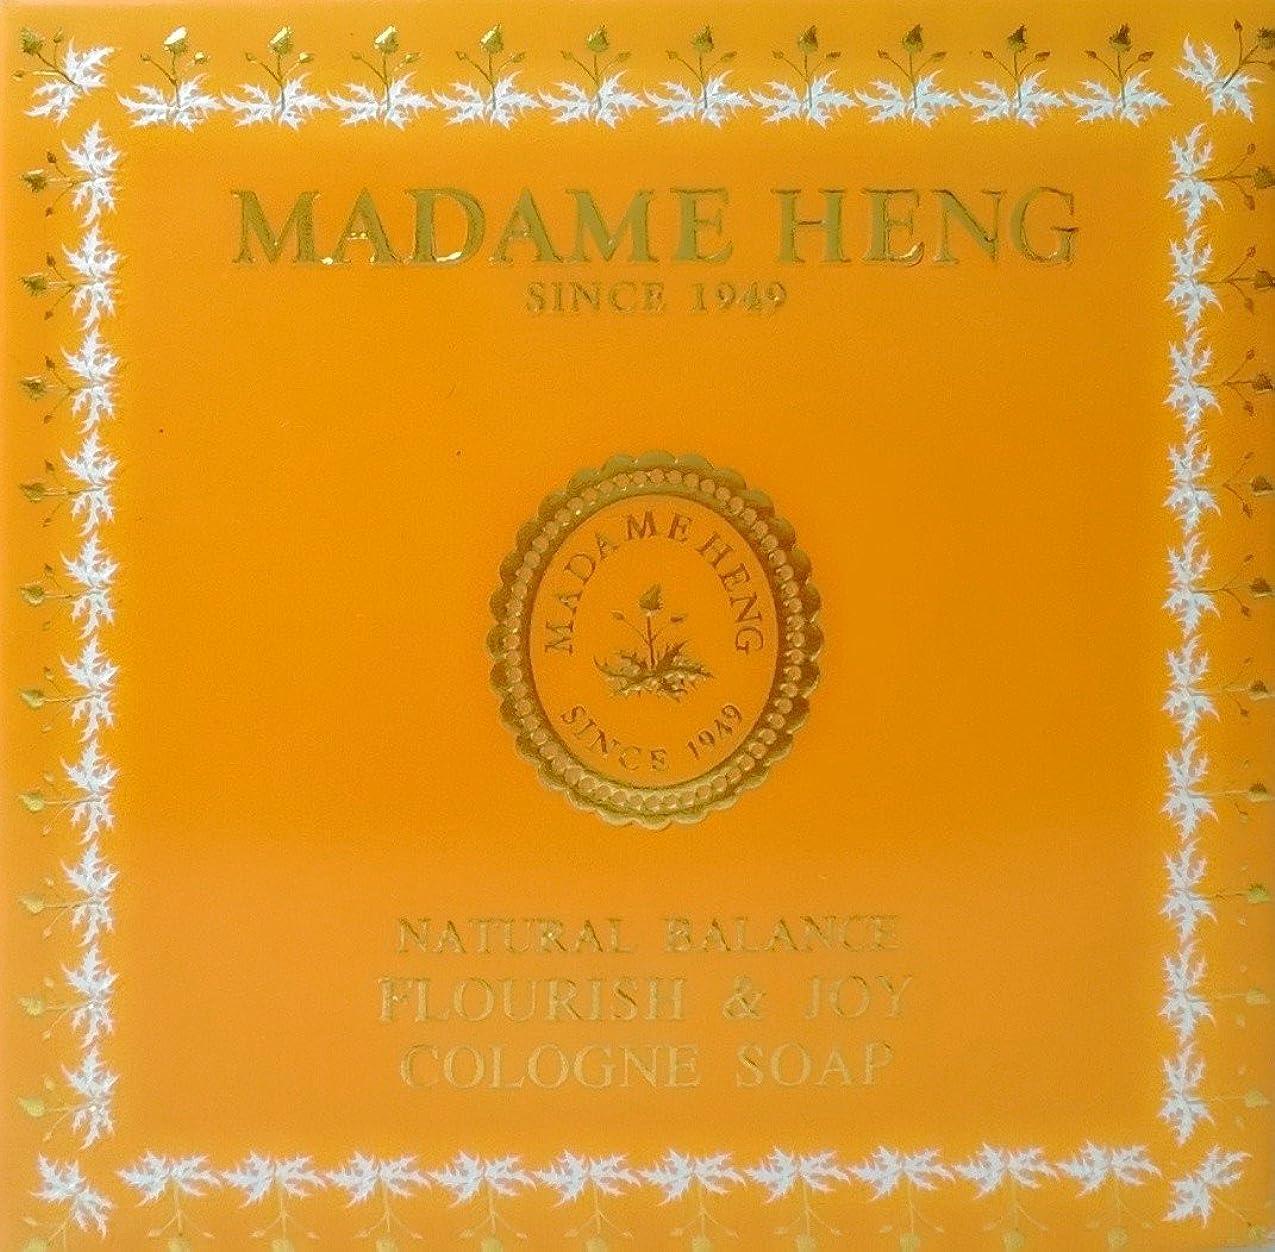 特許激怒浴室MADAME HENG NATURAL BALANCE FLOURISH & JOY COLOGNE SOAP